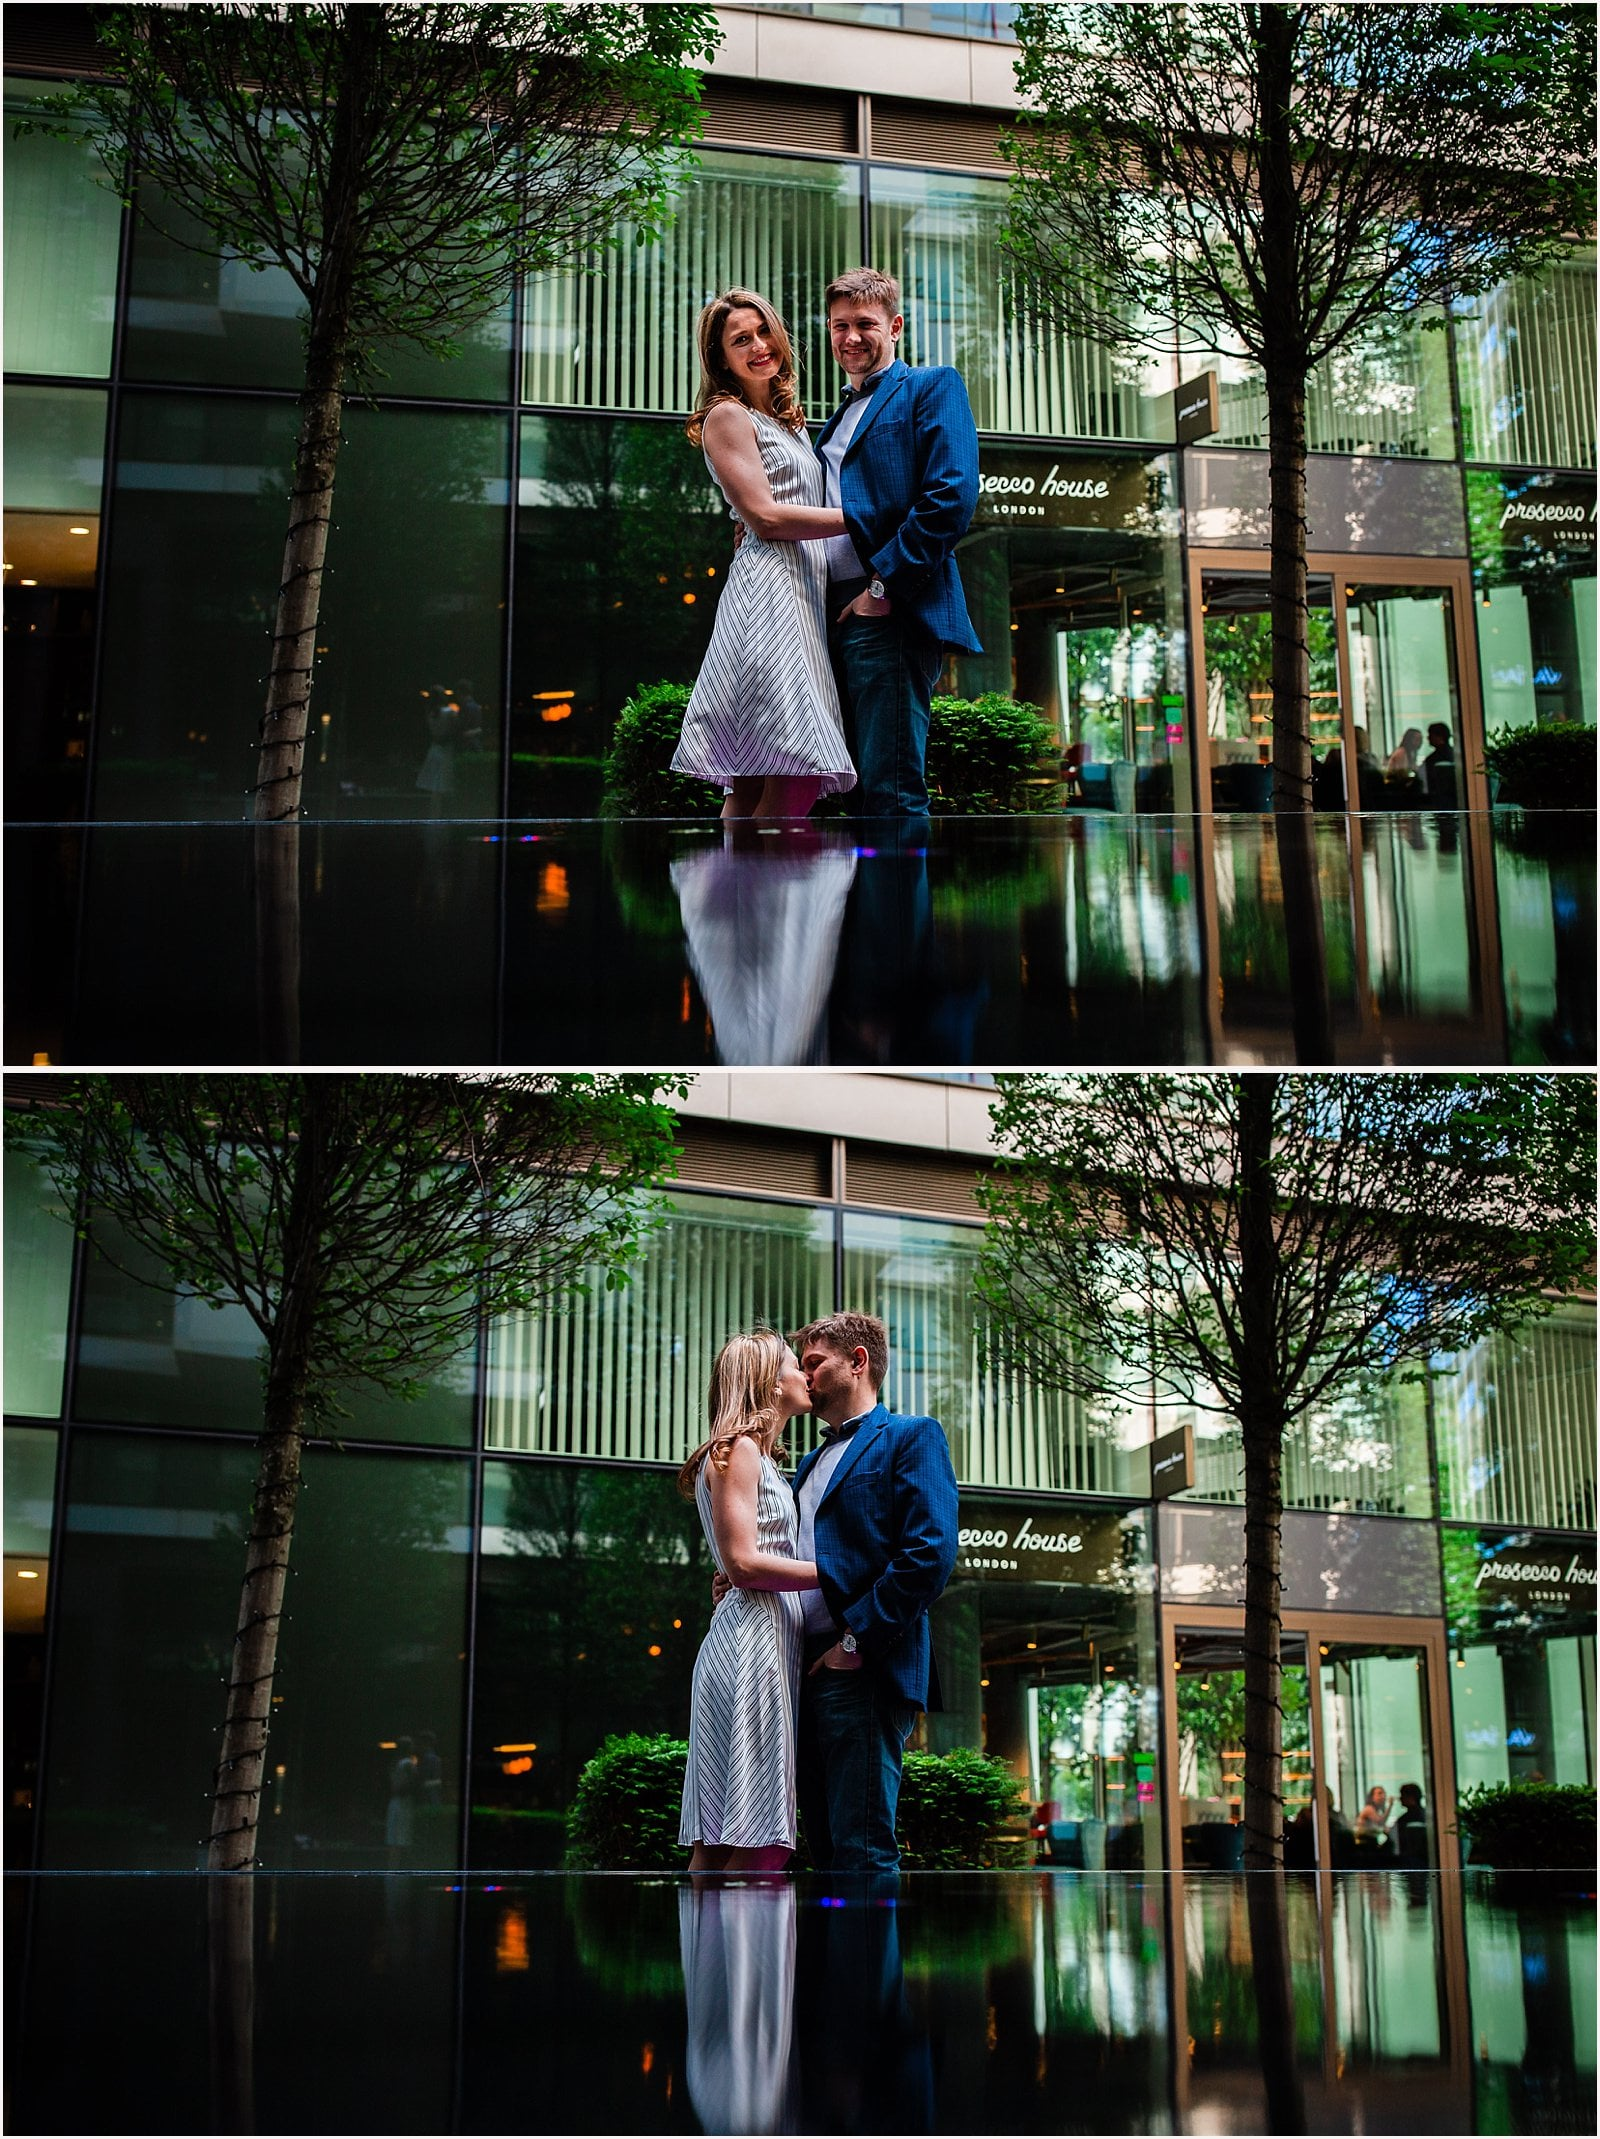 Stunning London Engagement Photos - Ksenia & Iain 1